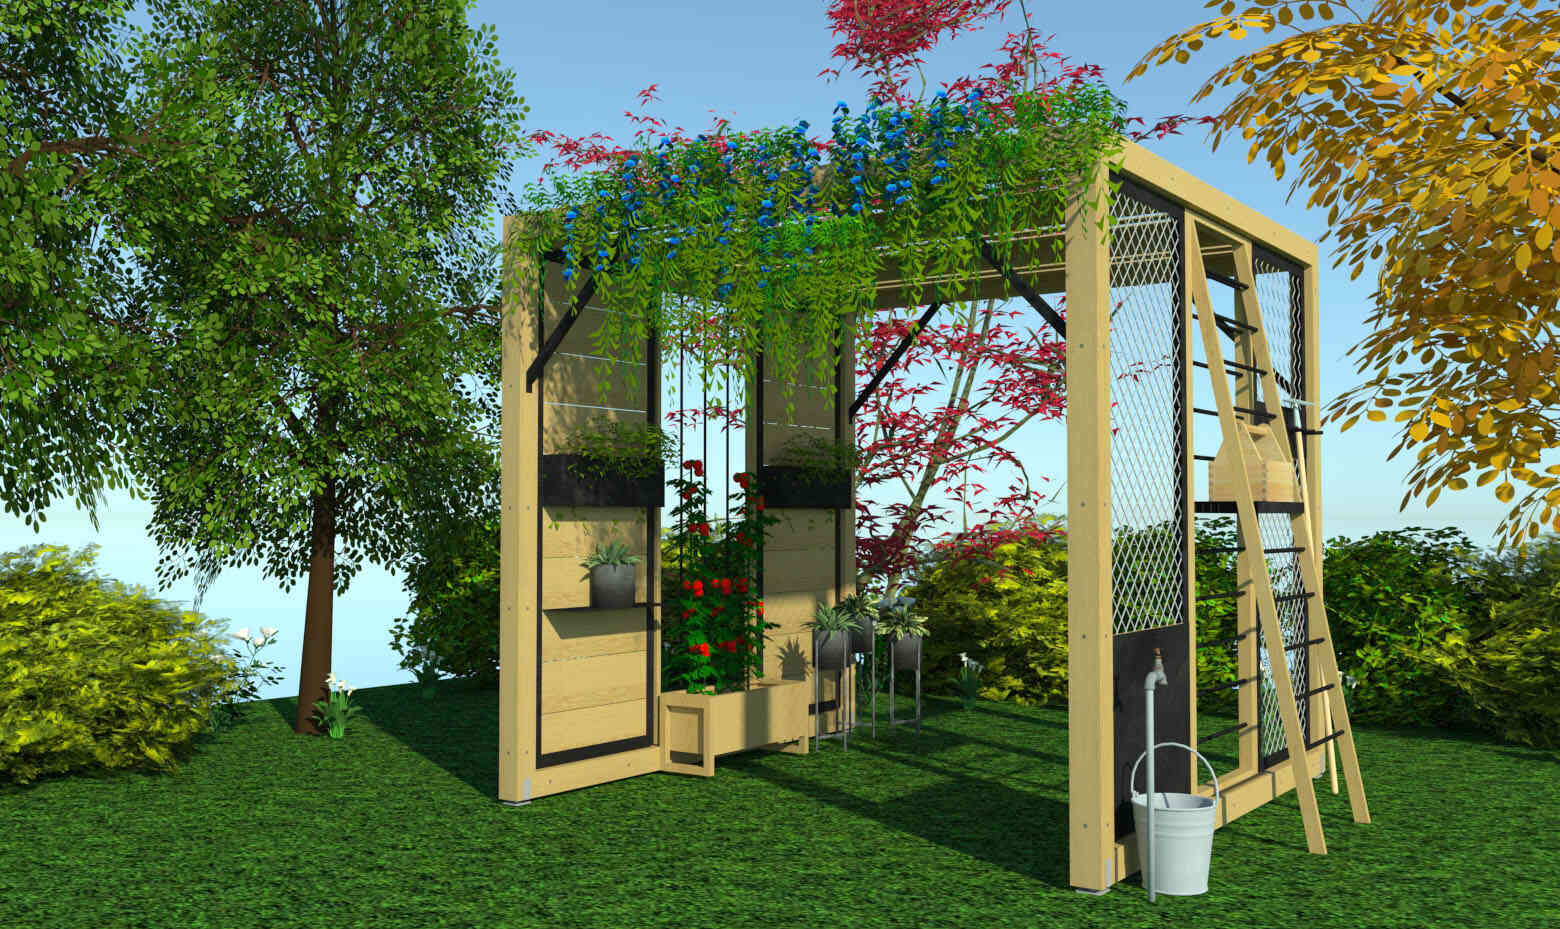 Cabane dans le jardin d'A-Autrement